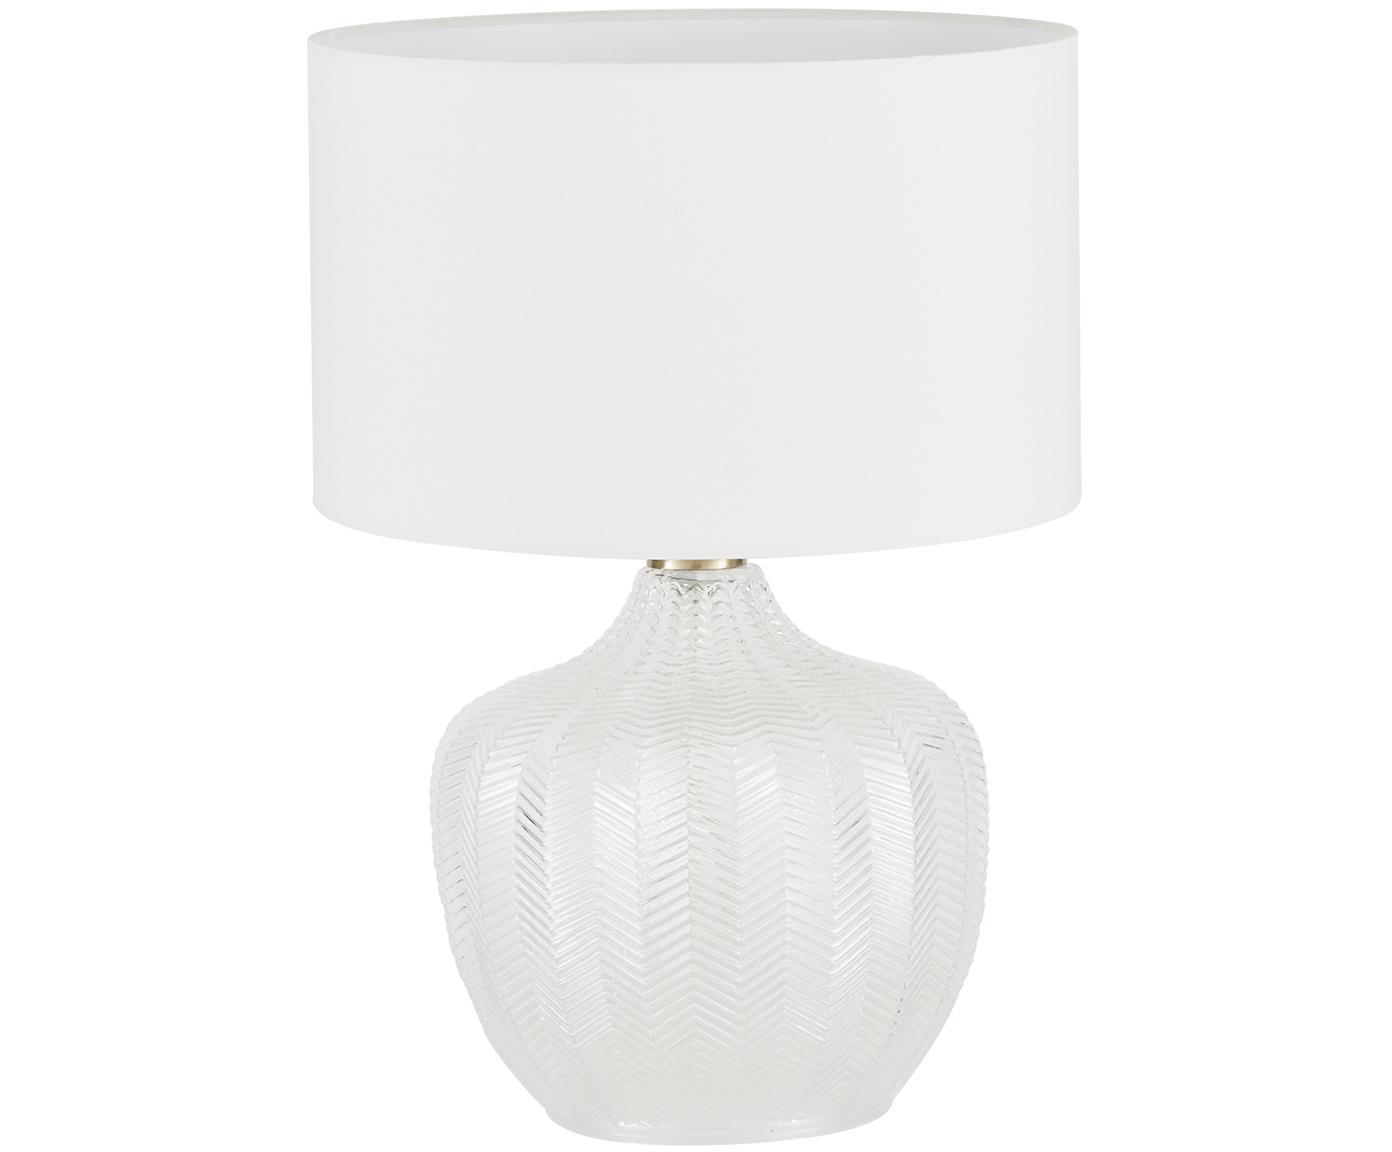 Tischleuchte Sue mit Glasfuß, Lampenschirm: Textil, Lampenfuß: Glas, Metall, vermessingt, Lampenschirm: WeissLampenfuss: Transparent, Messing, gebürstet, Ø 33 x H 47 cm